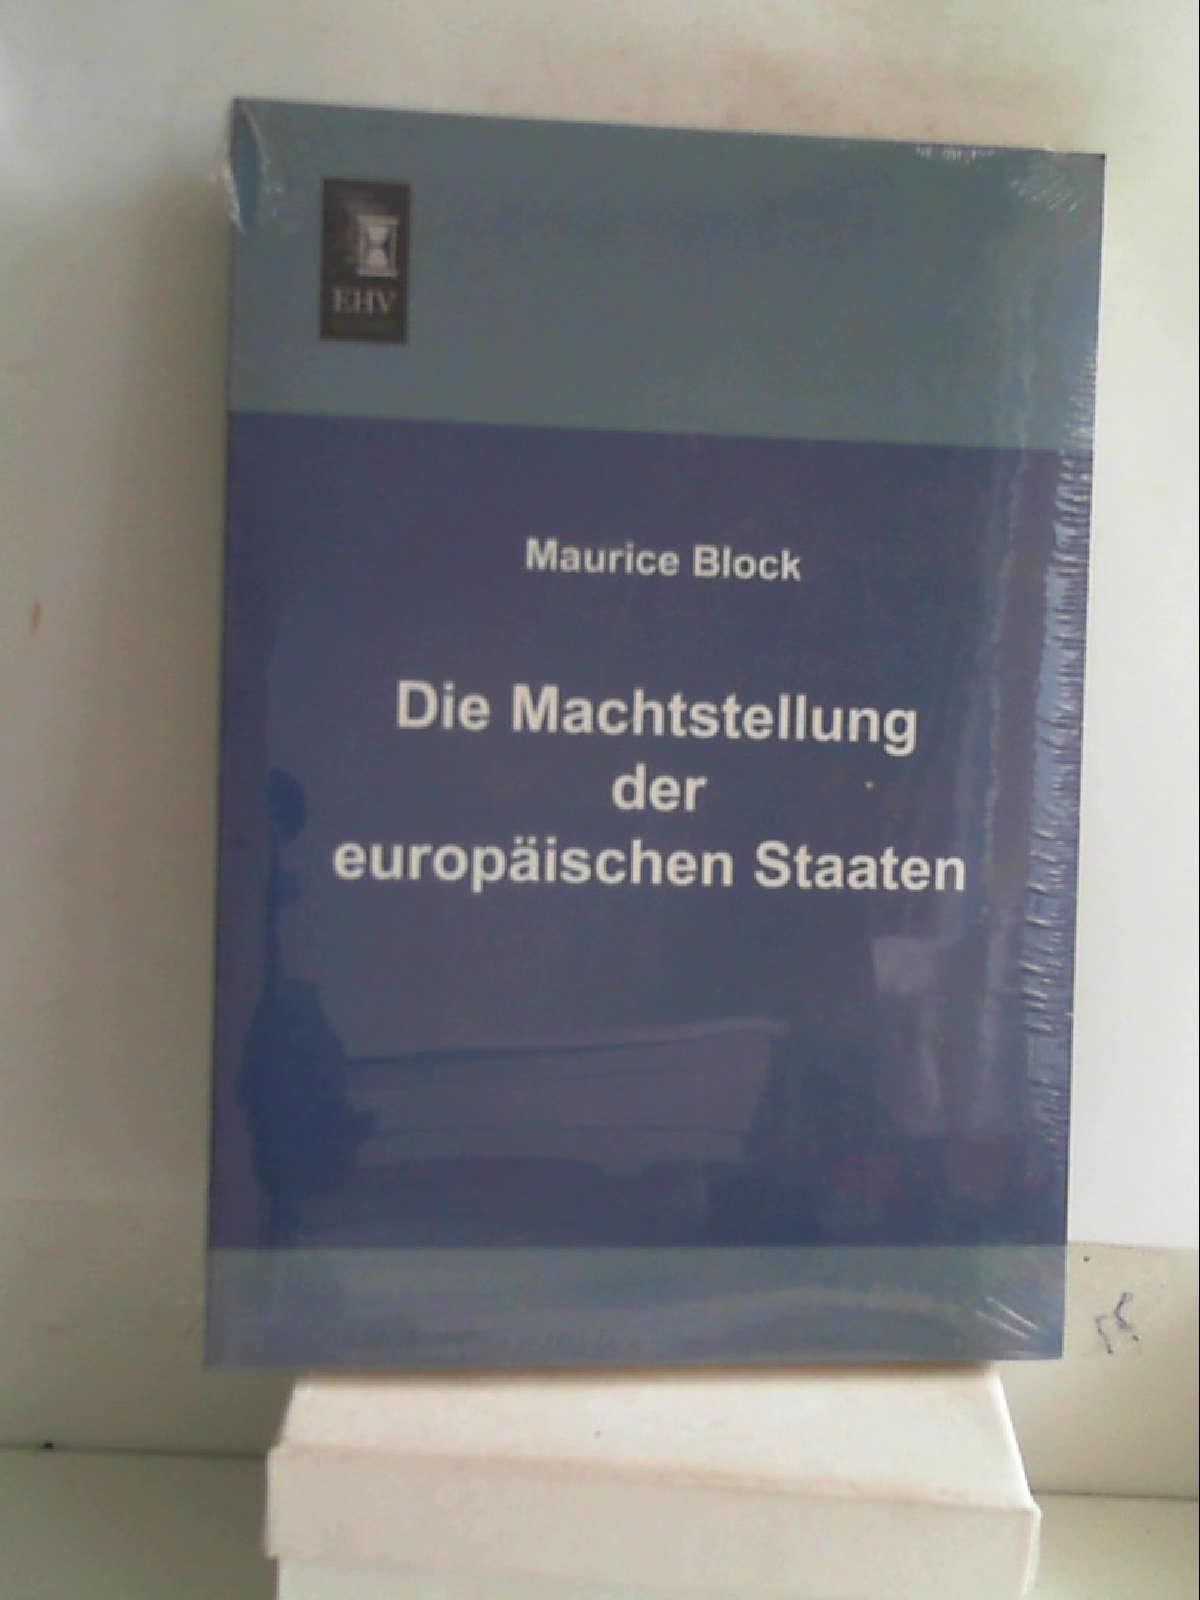 Die Machtstellung der europaeischen Staaten [Paperback] [Jun 19, 2014] Block, Maurice - Maurice Block